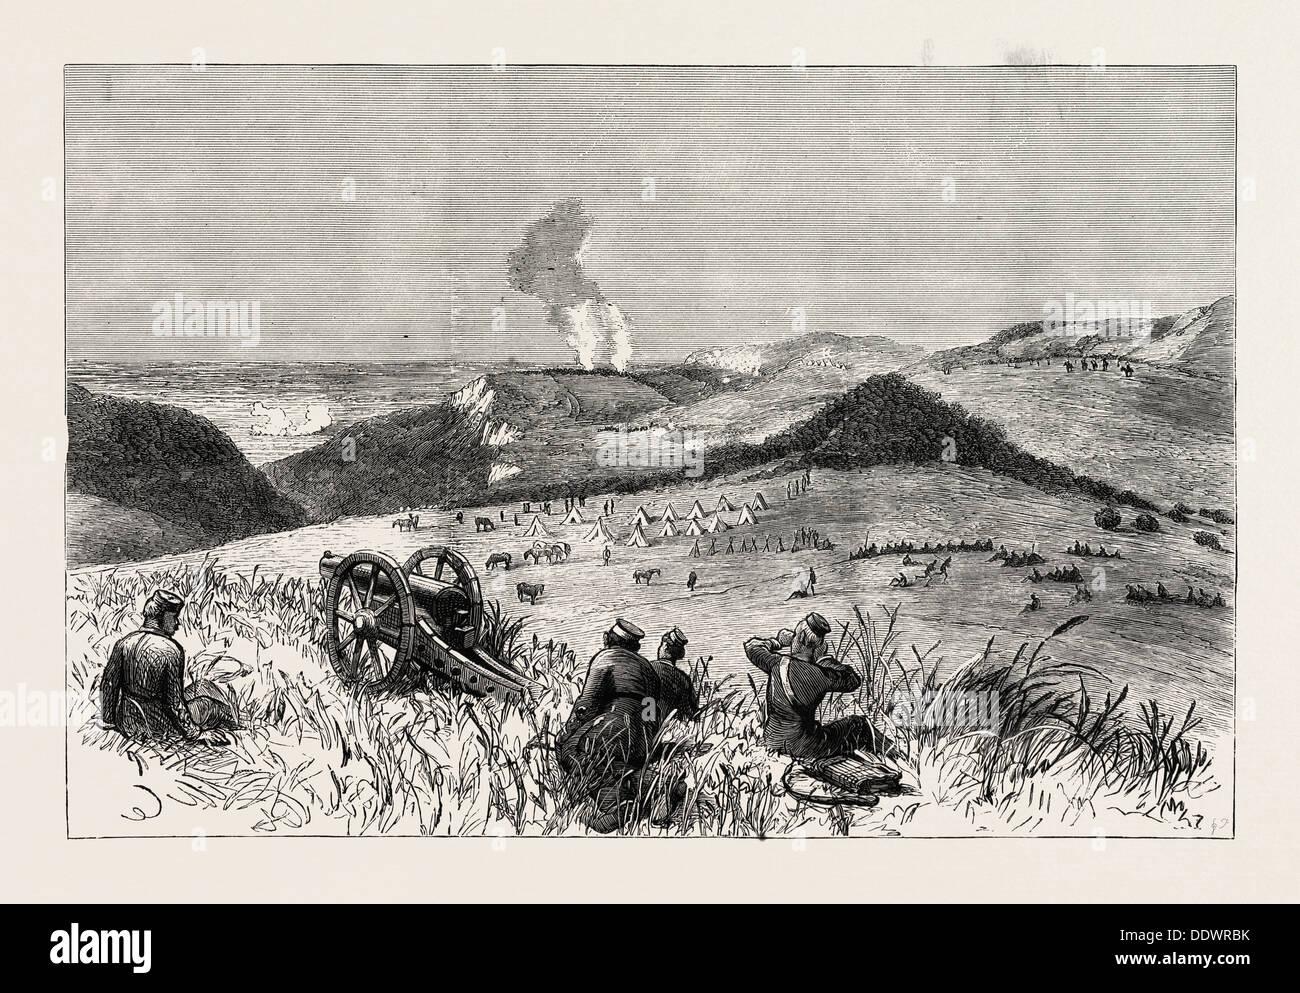 354531e572 King Williams War Stock Photos & King Williams War Stock Images - Alamy